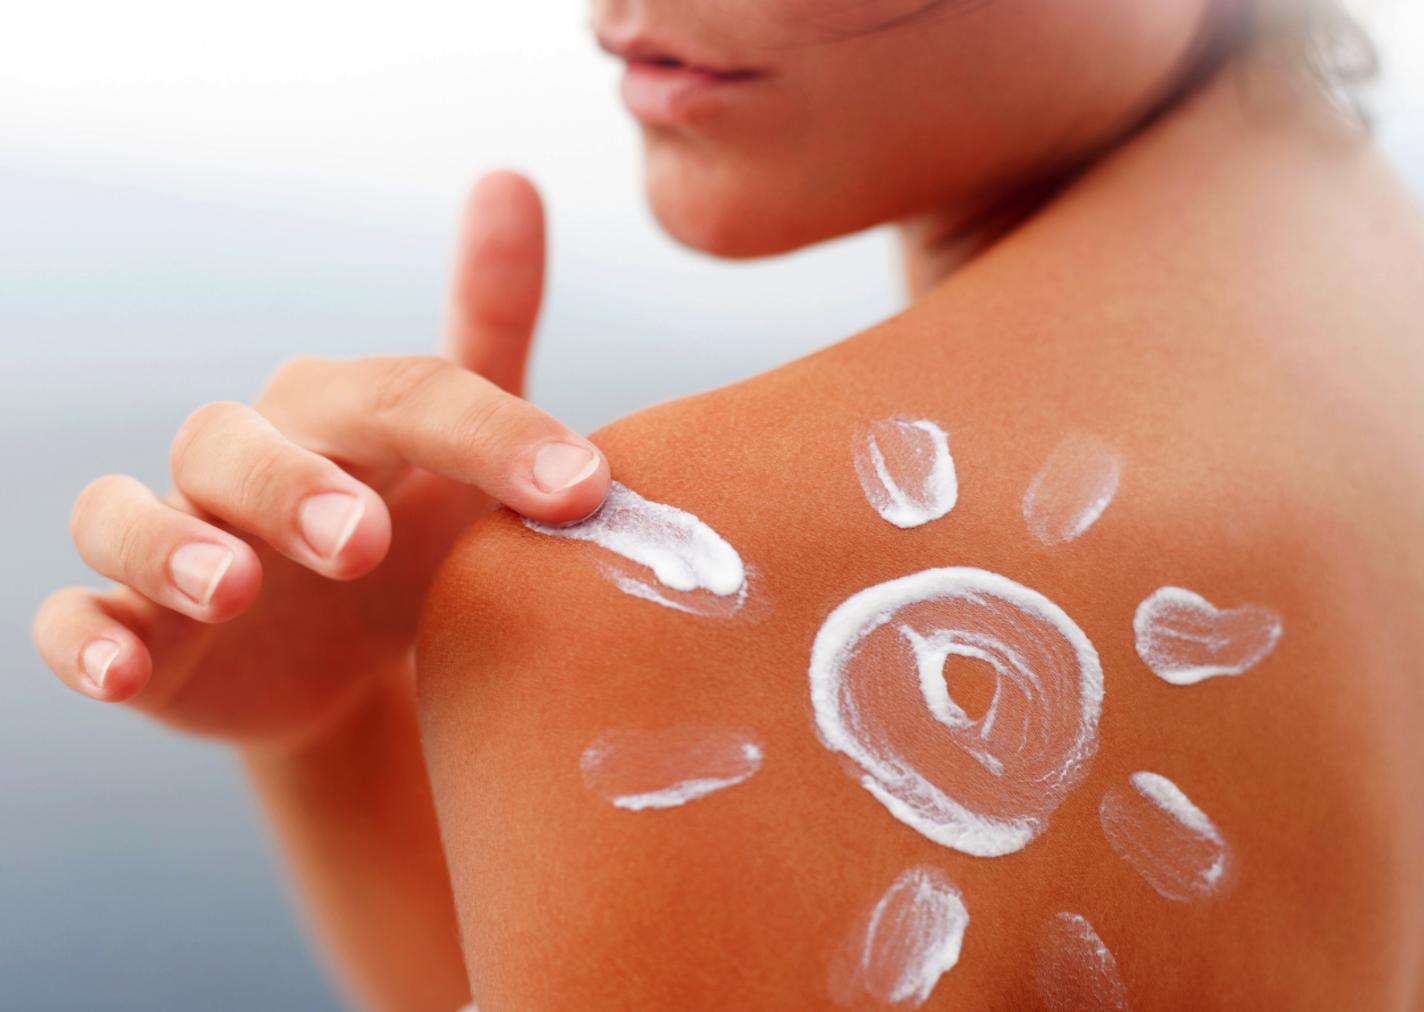 Tajemství bronzově opálené pokožky: Důležitý je správný výběr opalovacího krému